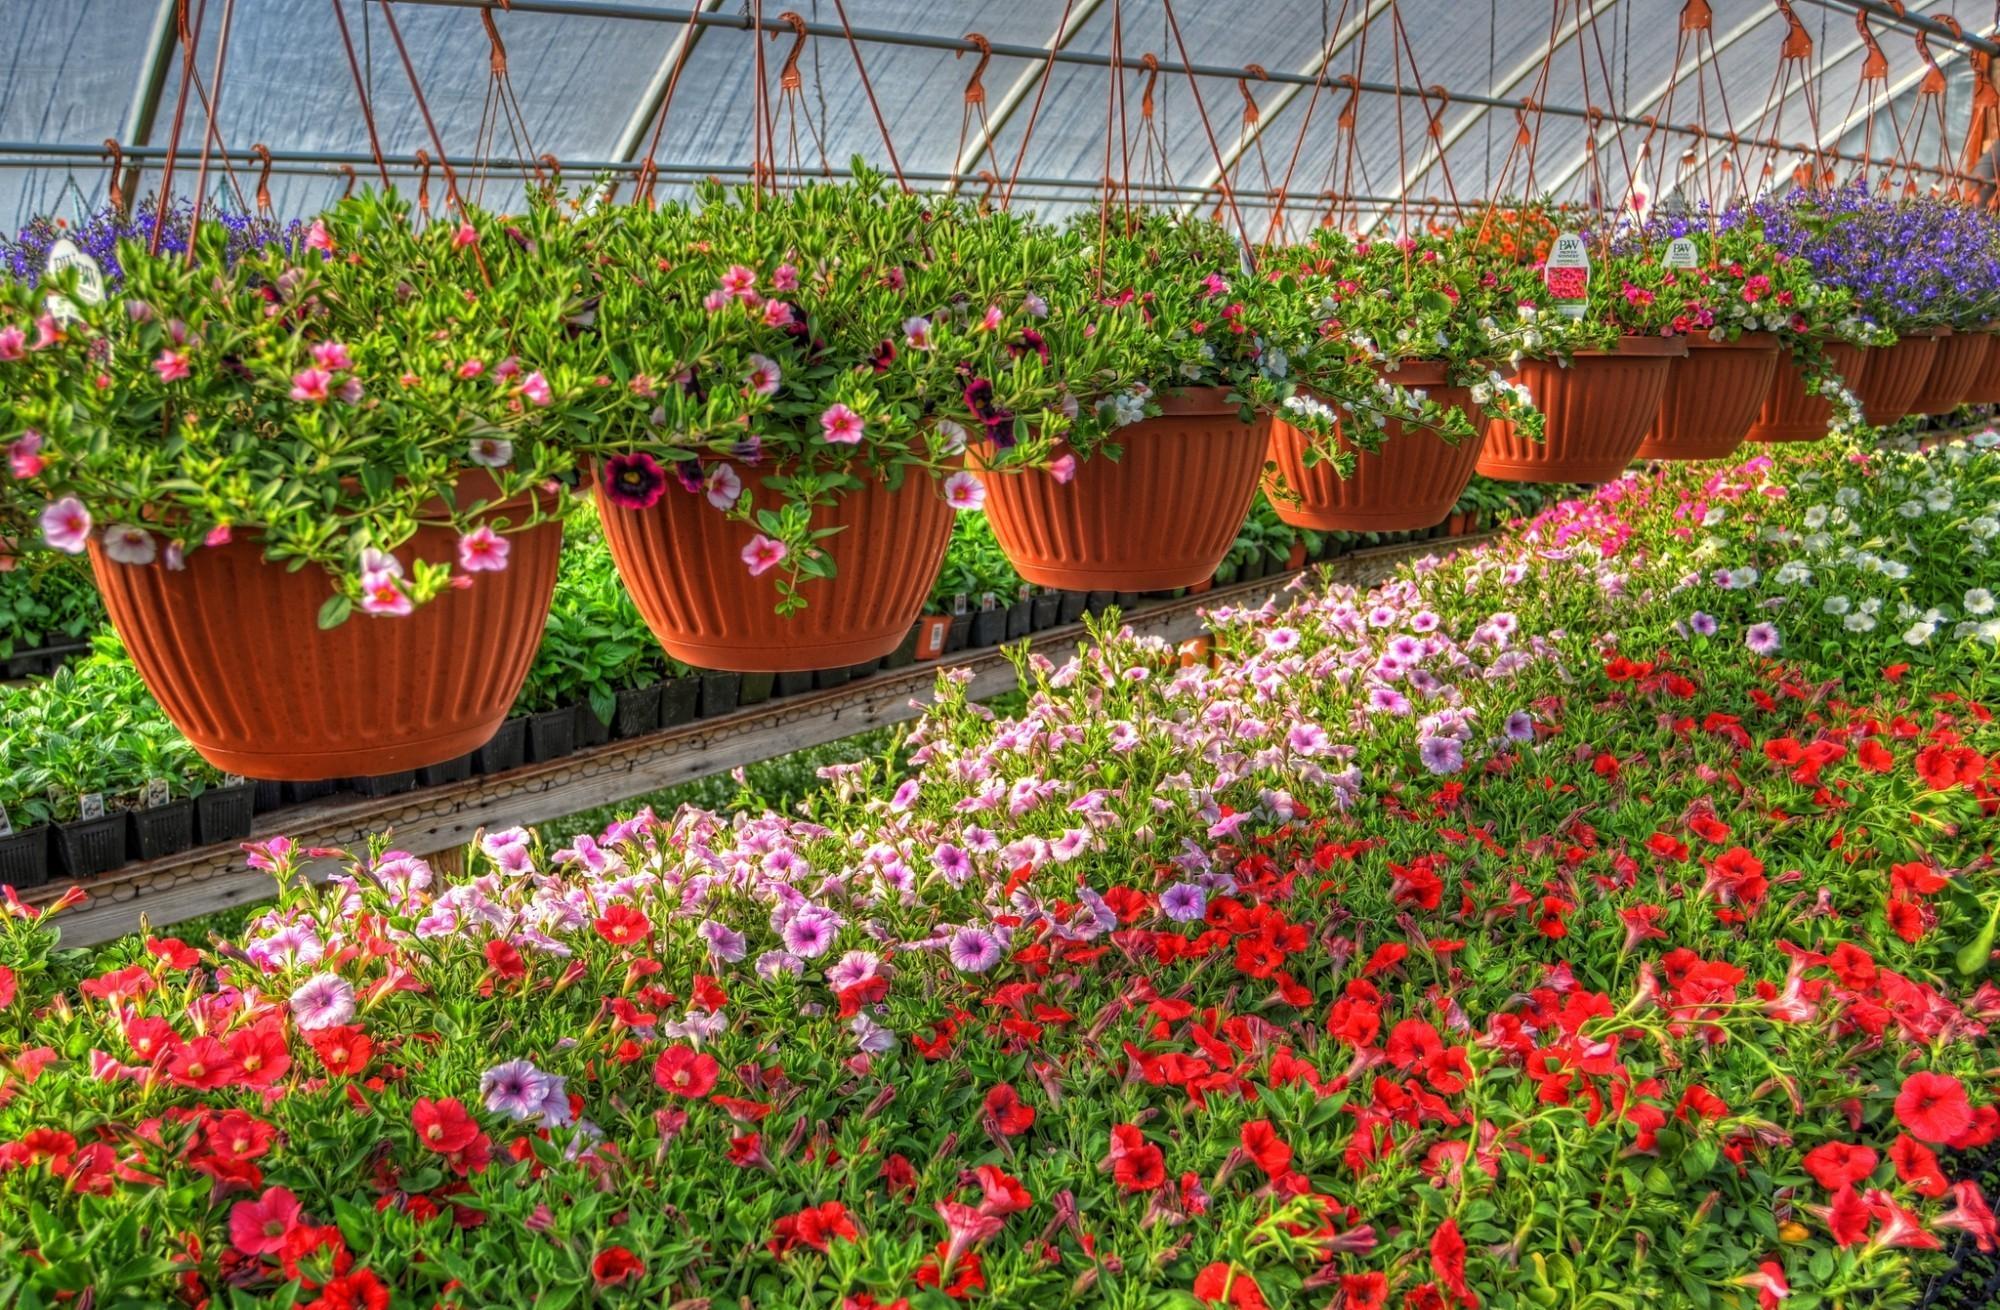 121335 descargar fondo de pantalla Flores, Lote, Mucho, Ollas, Maceta De Plantas, Petunia, Invernadero, Calichobria, Calihobroya: protectores de pantalla e imágenes gratis